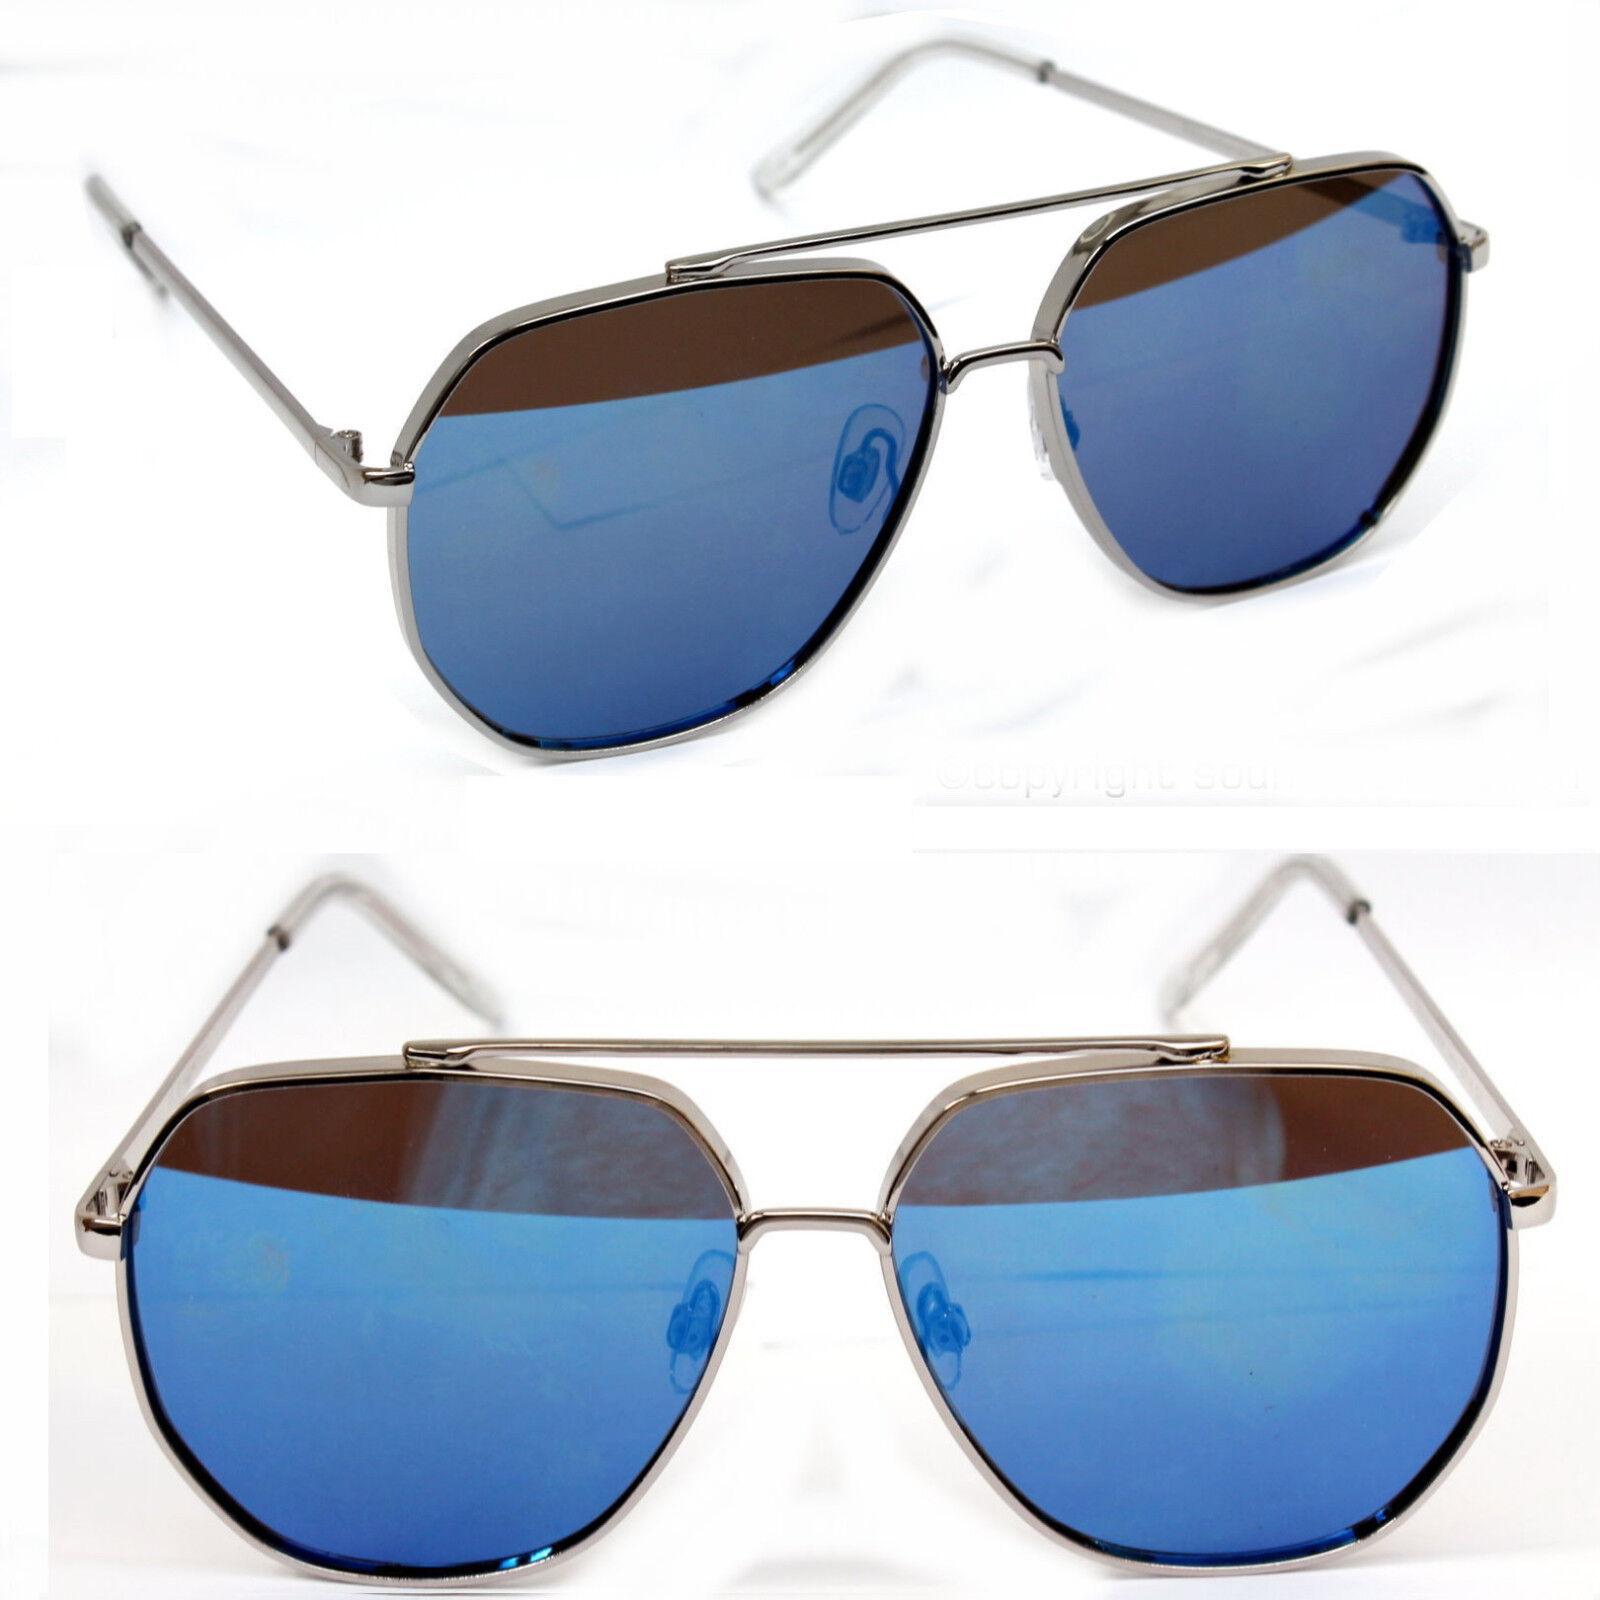 Herren Damen Nerd Sonnenbrille Pilotenbrille Fliegerbrille Blau verspiegelt